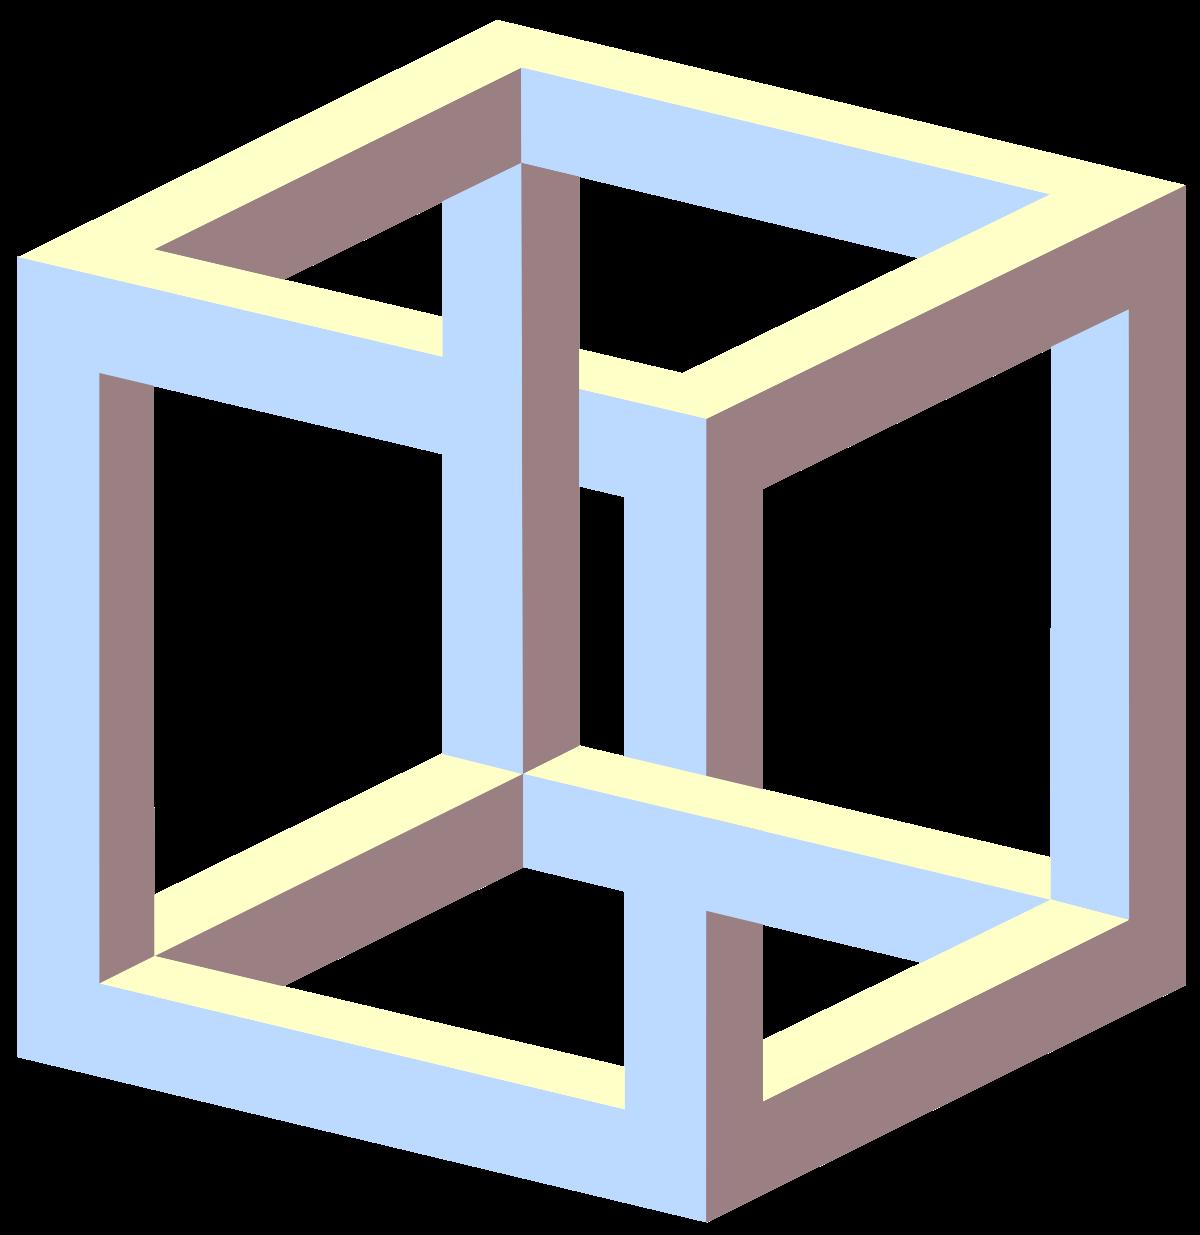 Magic clipart illusion. Impossible cube wikipedia illusions